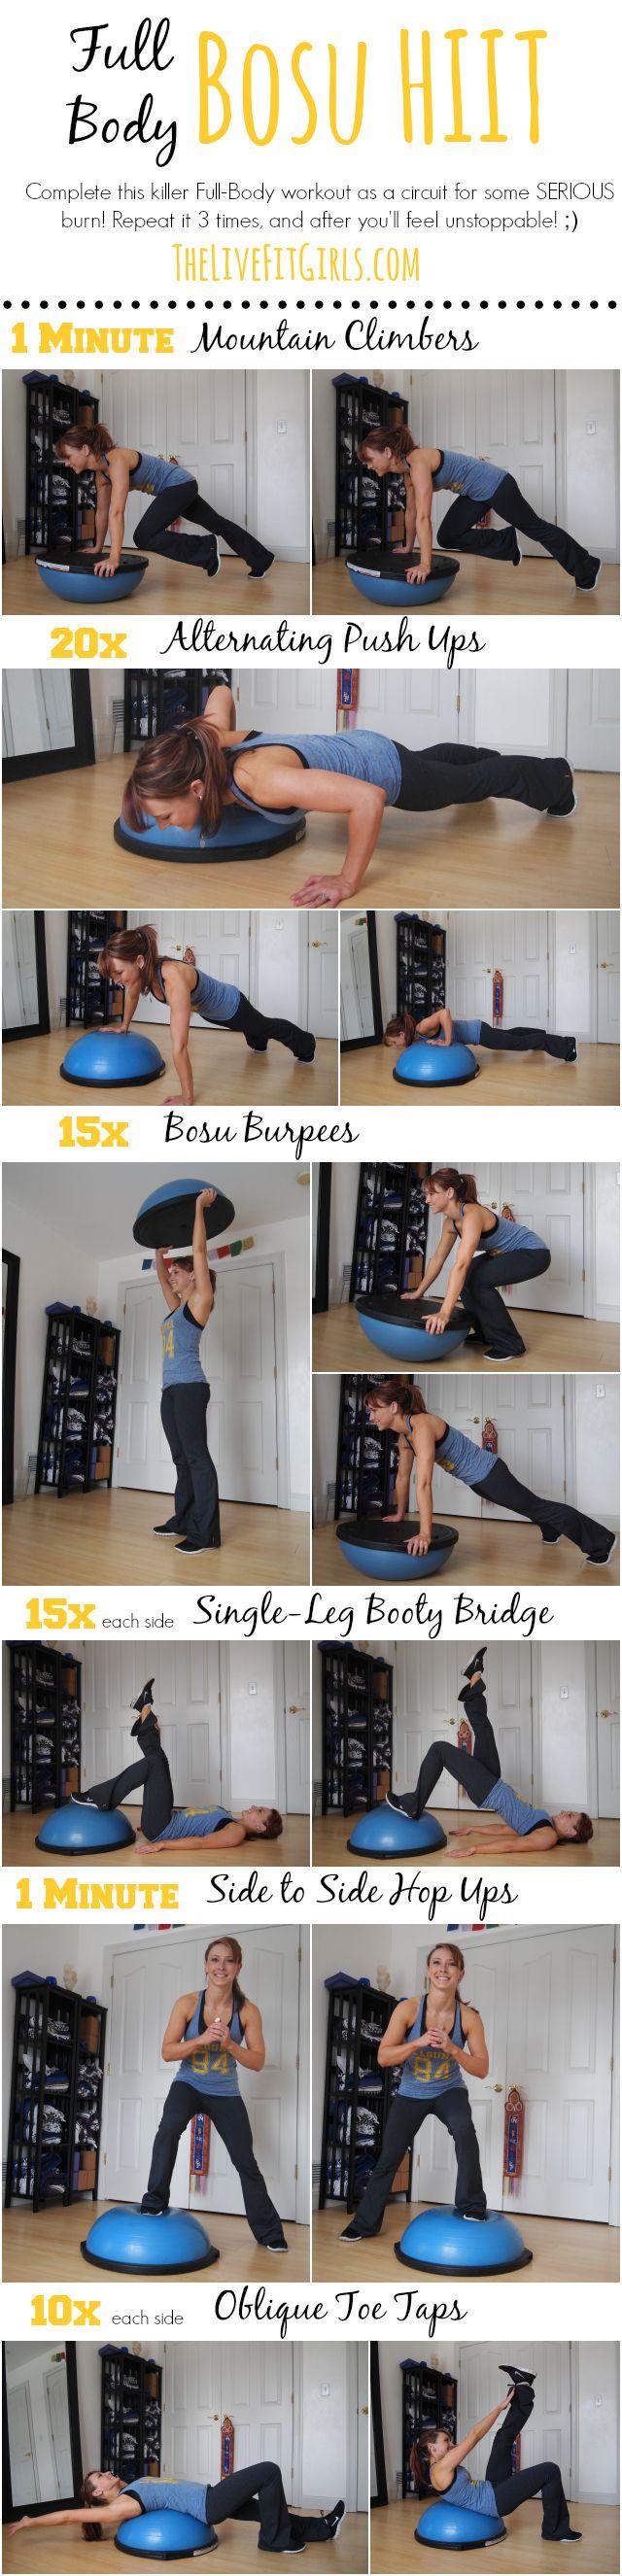 Full Body Bosu HIIT Workout